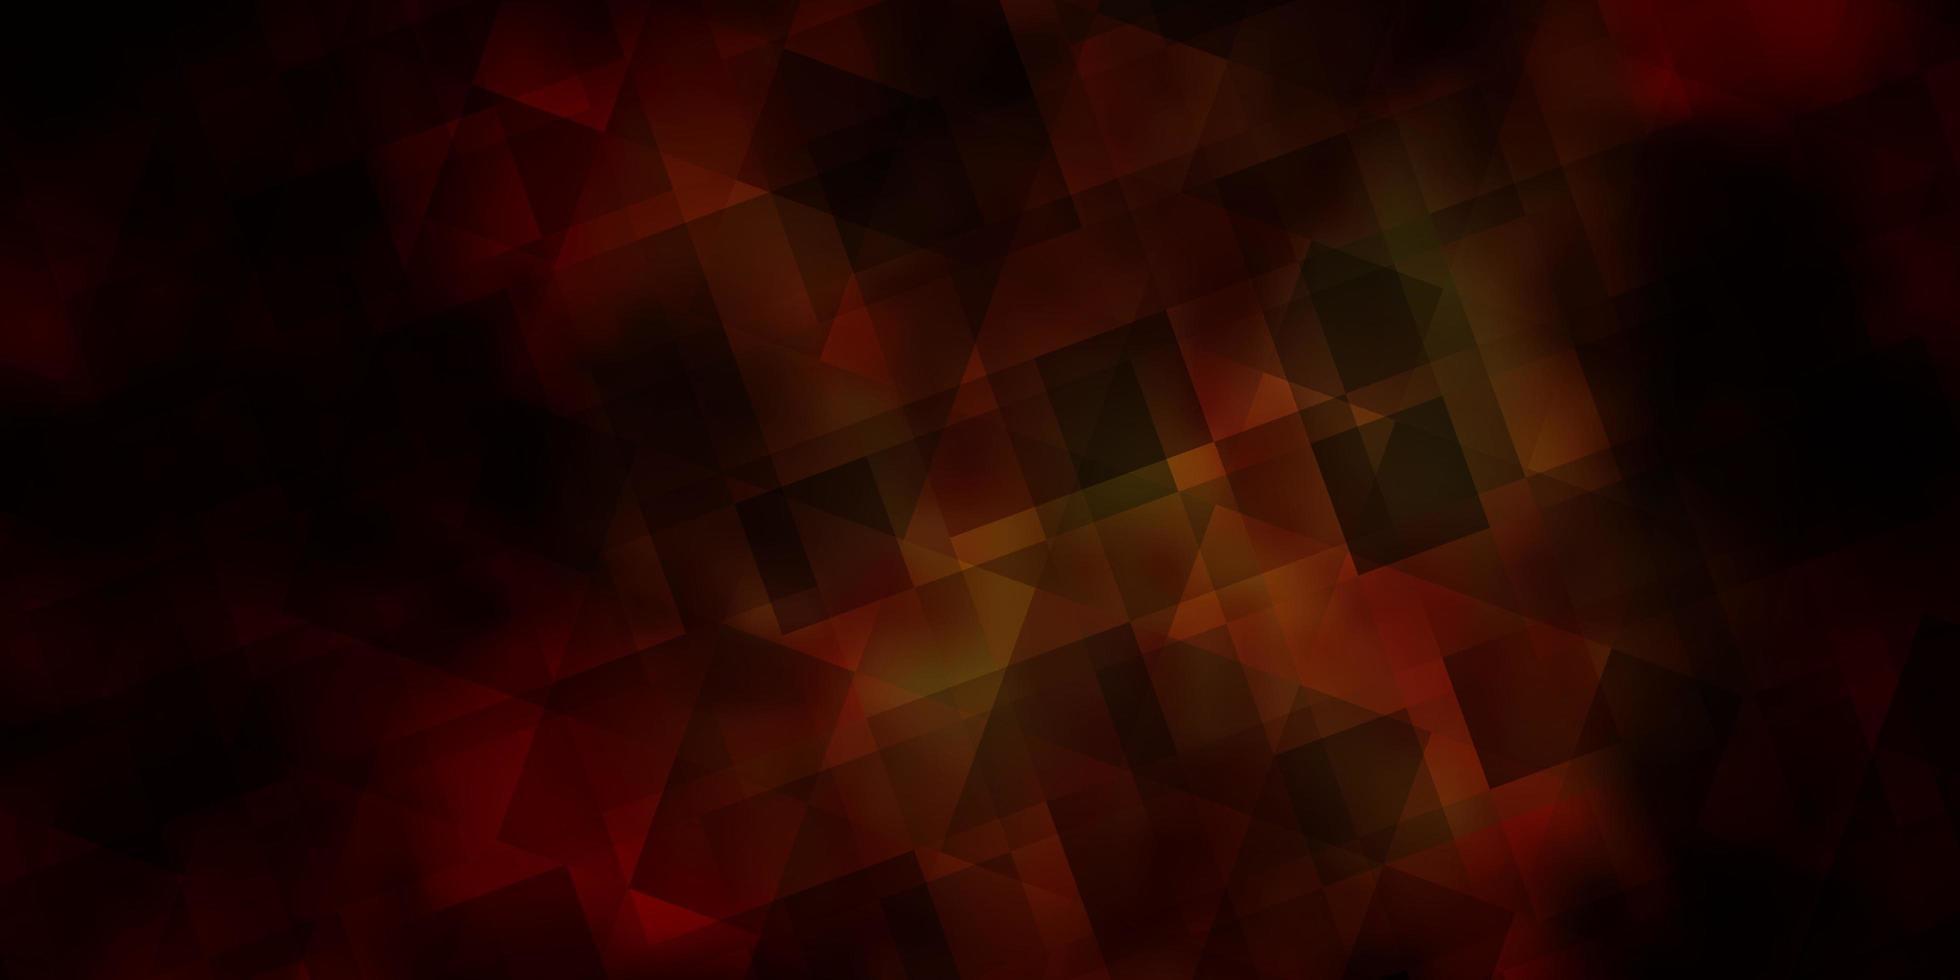 donkergeel vector sjabloon met kristallen, driehoeken.